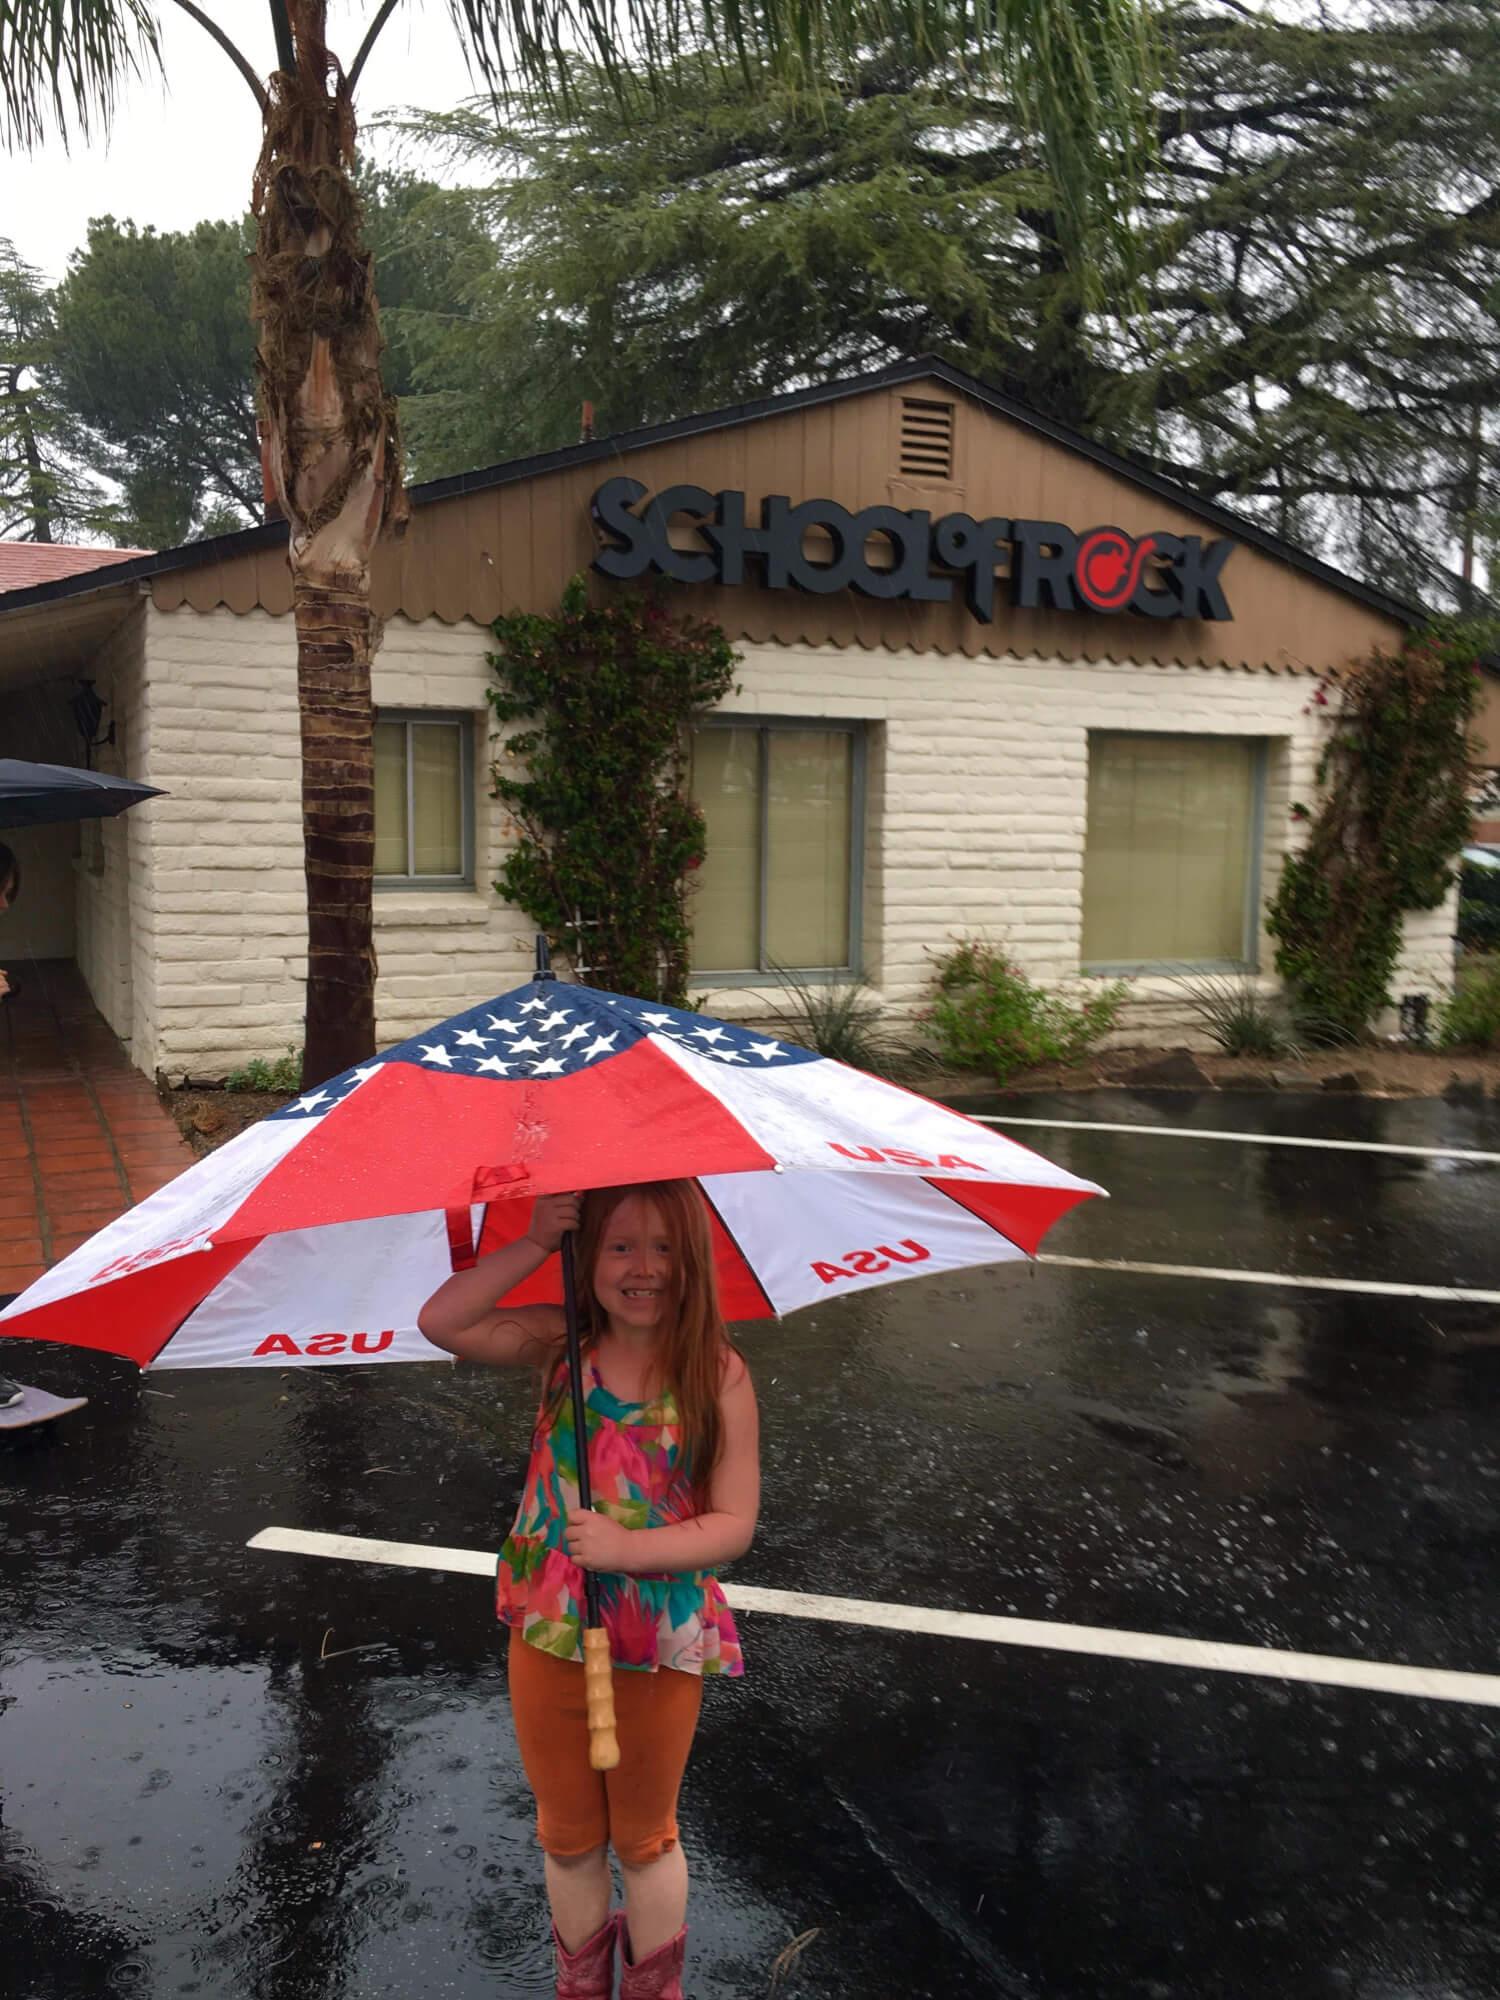 In Santa Clarita even the rain can't stop the ROCK!